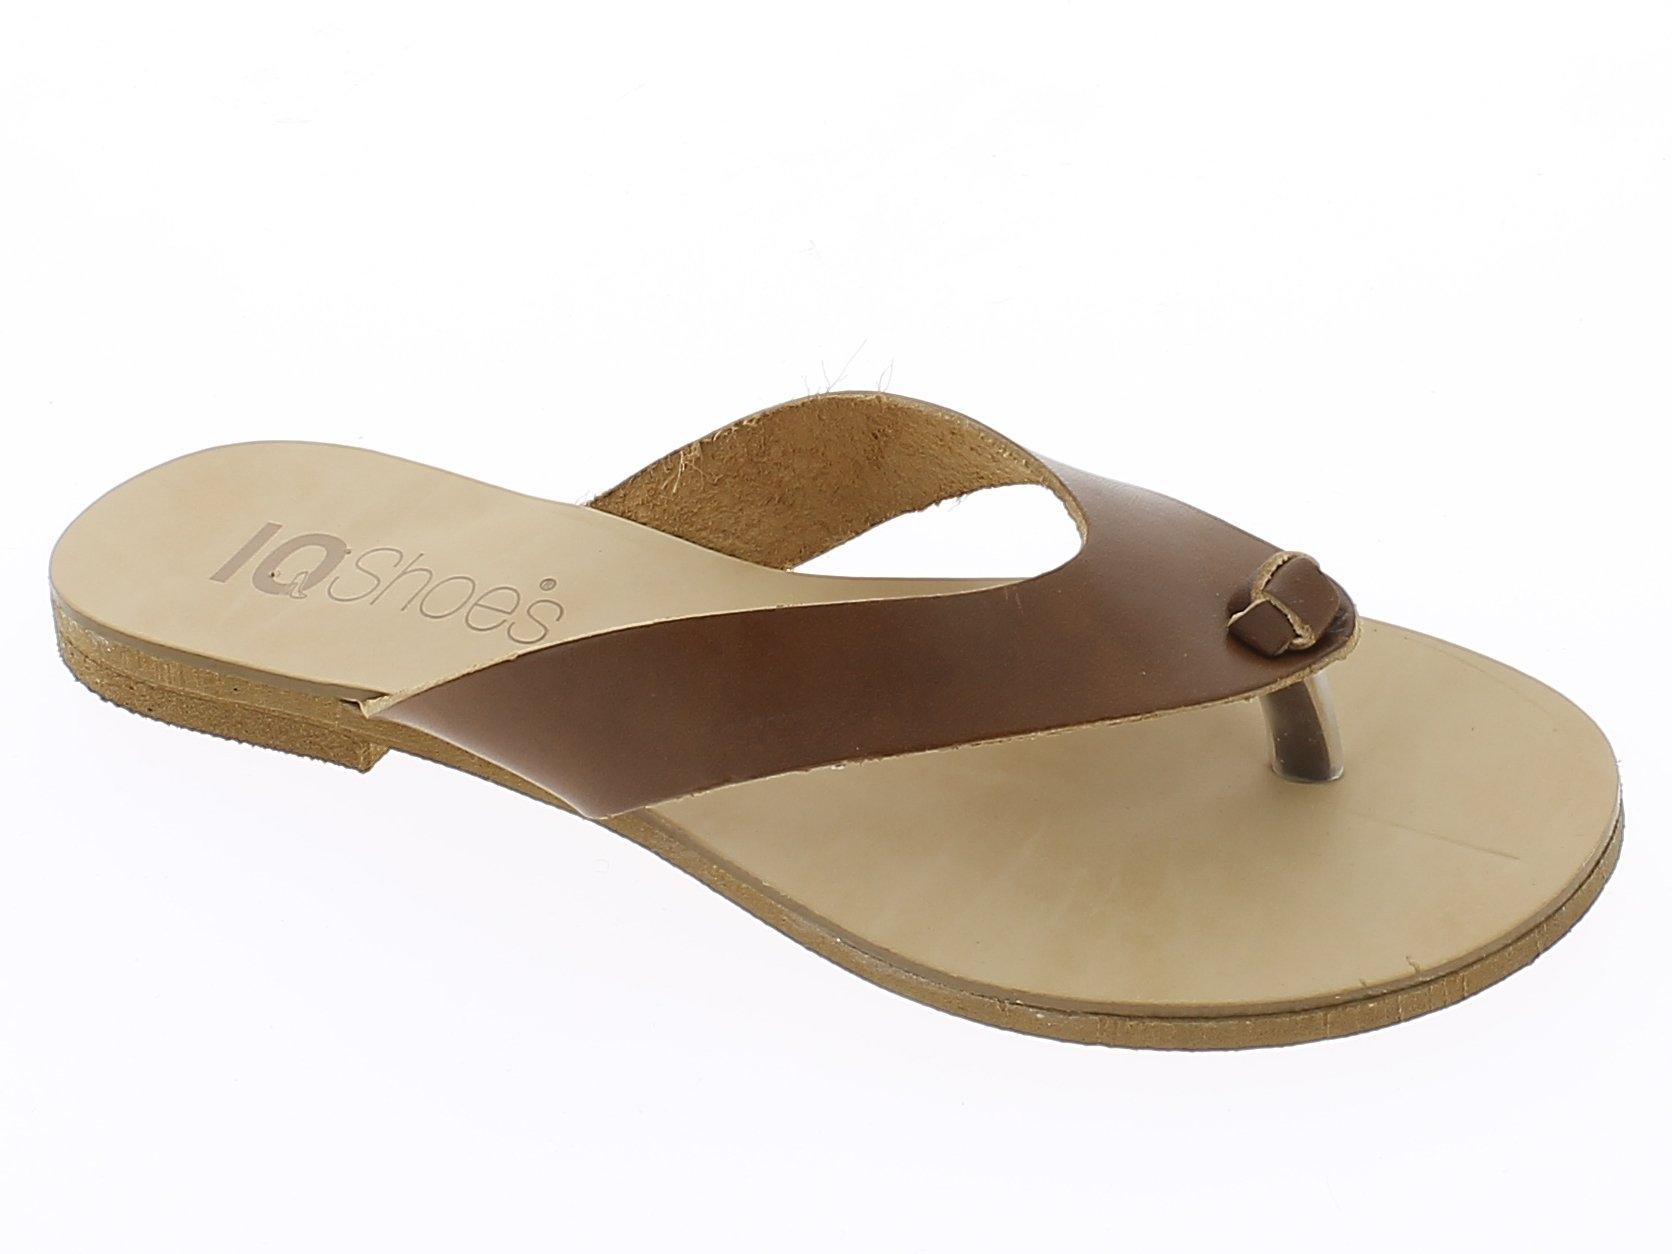 IQSHOES Γυναικεία Σανδάλια T184-07 Καφέ - IqShoes - T184-07 BROWN -IQSHOES-brown παπούτσια  προσφορεσ